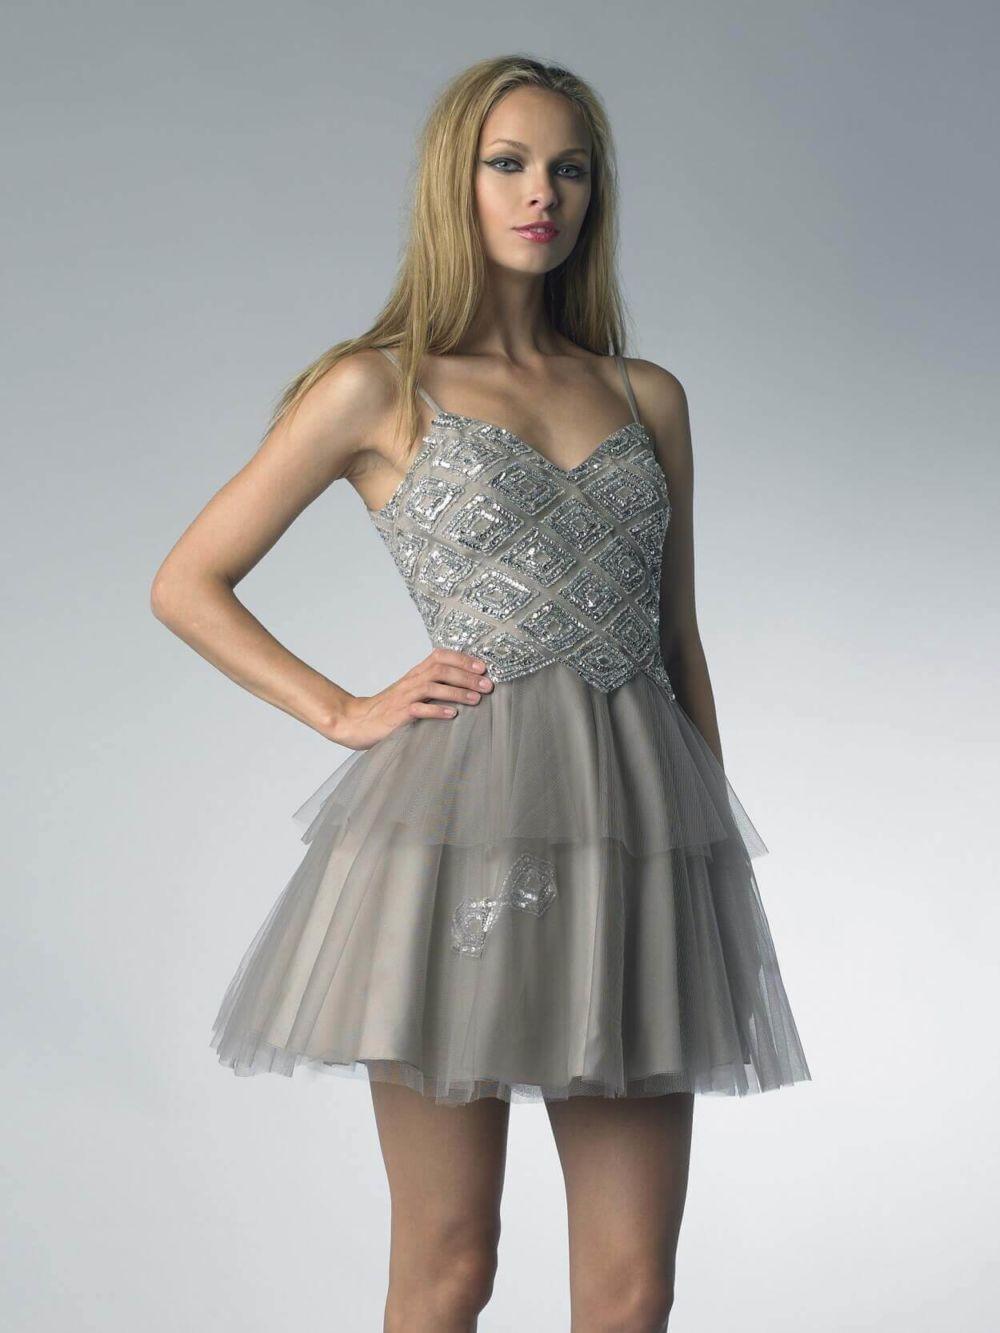 Что одеть на день Святого Валентина 2019: серебристое платье фатиновая юбка